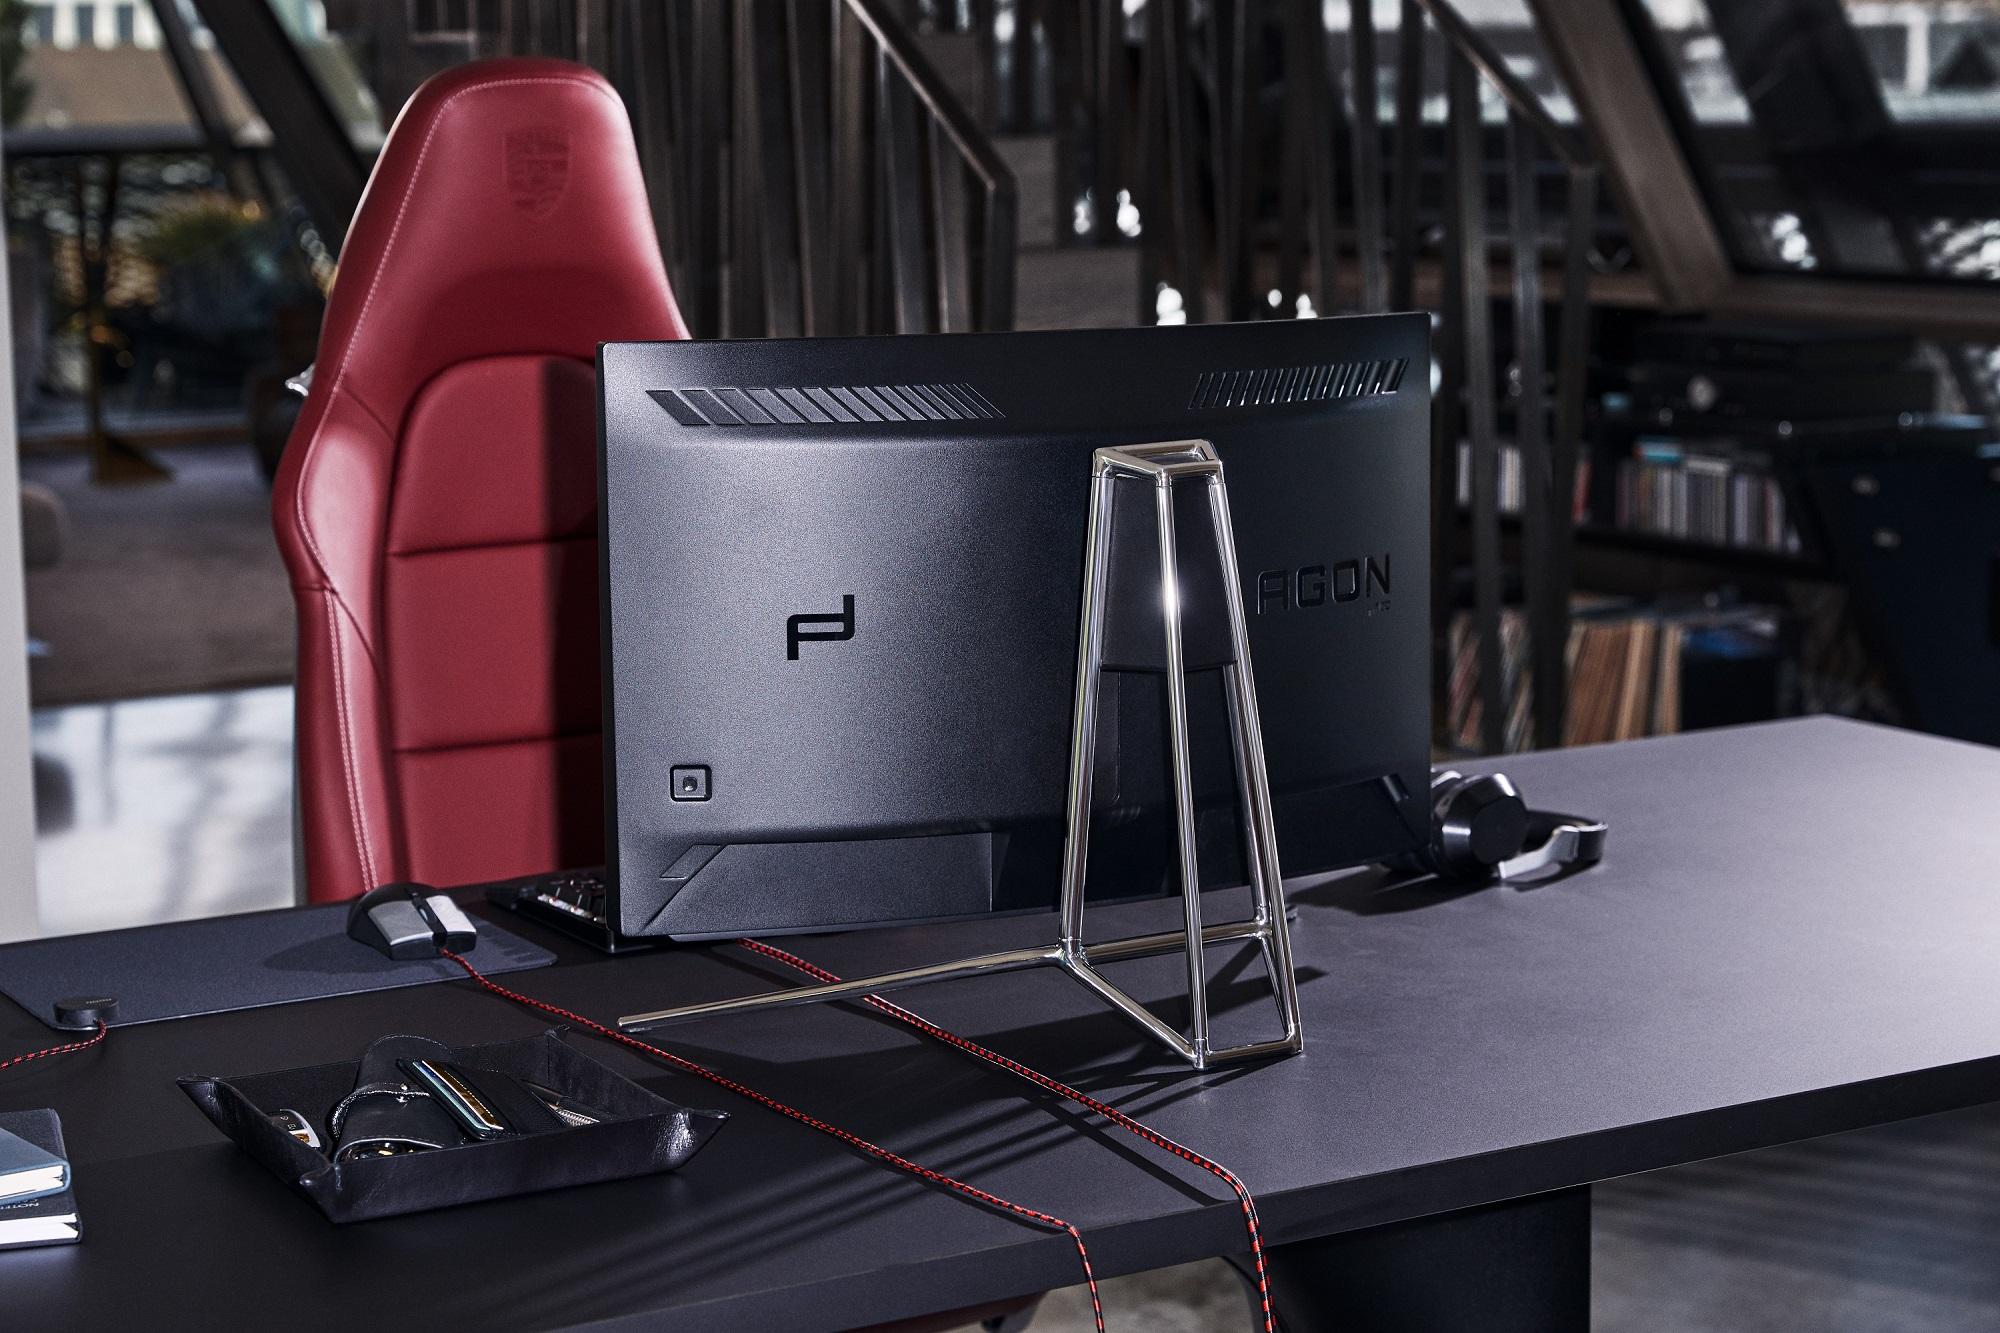 Porsche Design and AOC unveil the Porsche Design AOC AGON PD27